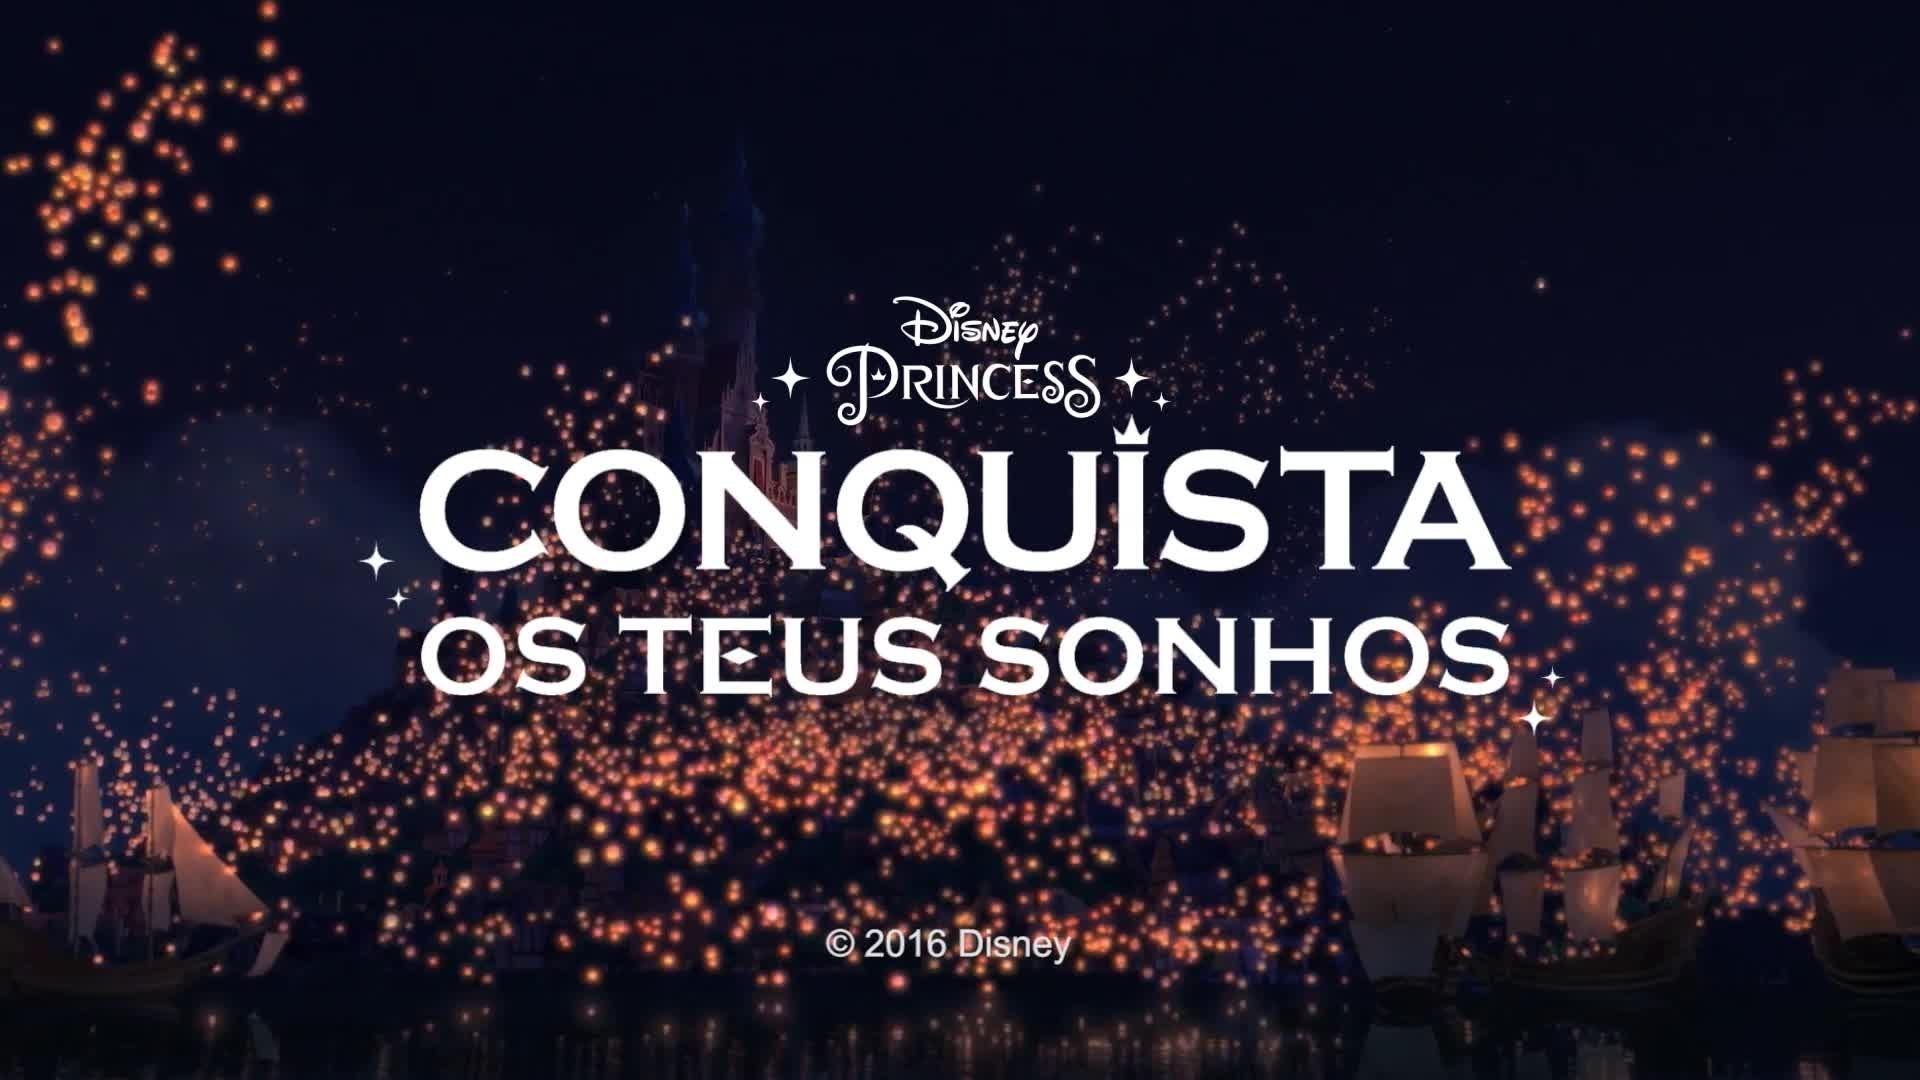 Conquista os teus Sonhos - I Dream